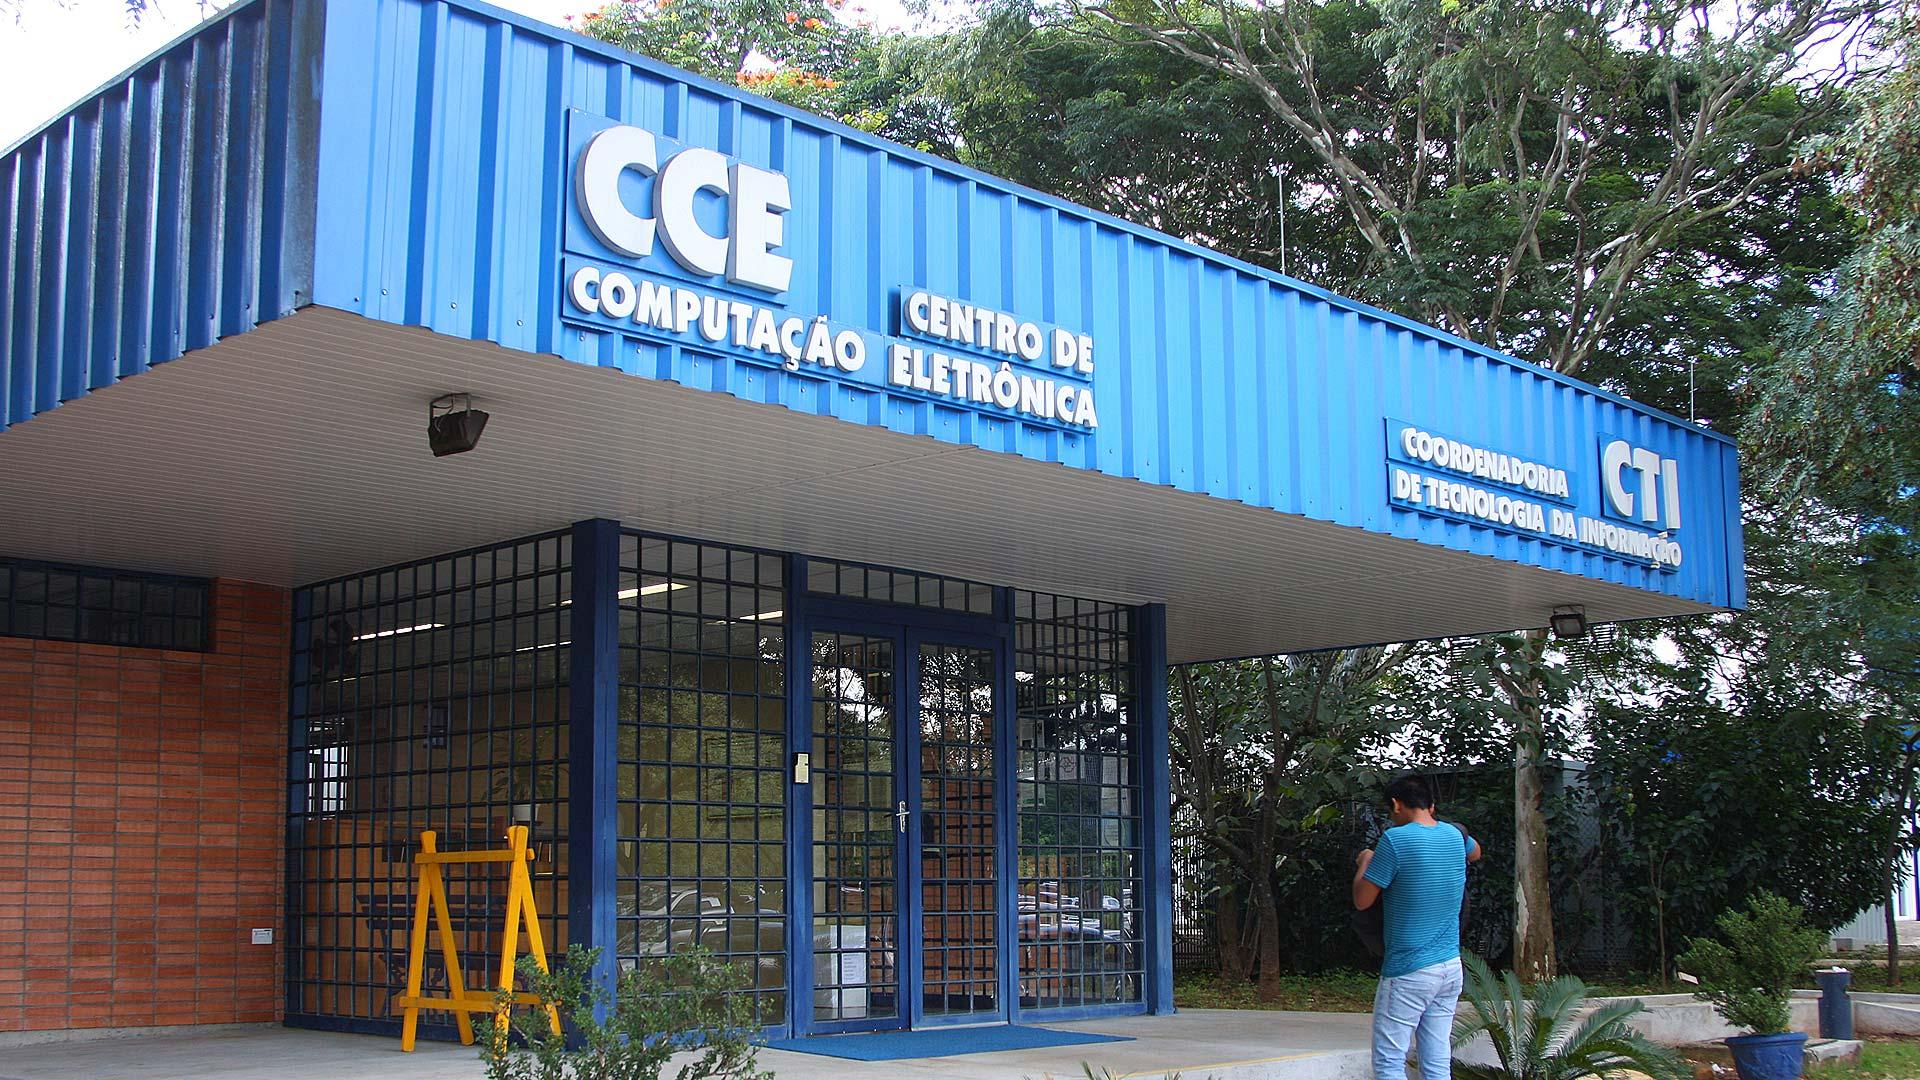 Centro de computa o eletr nica cce usp imagens - Empresas de fachadas ...